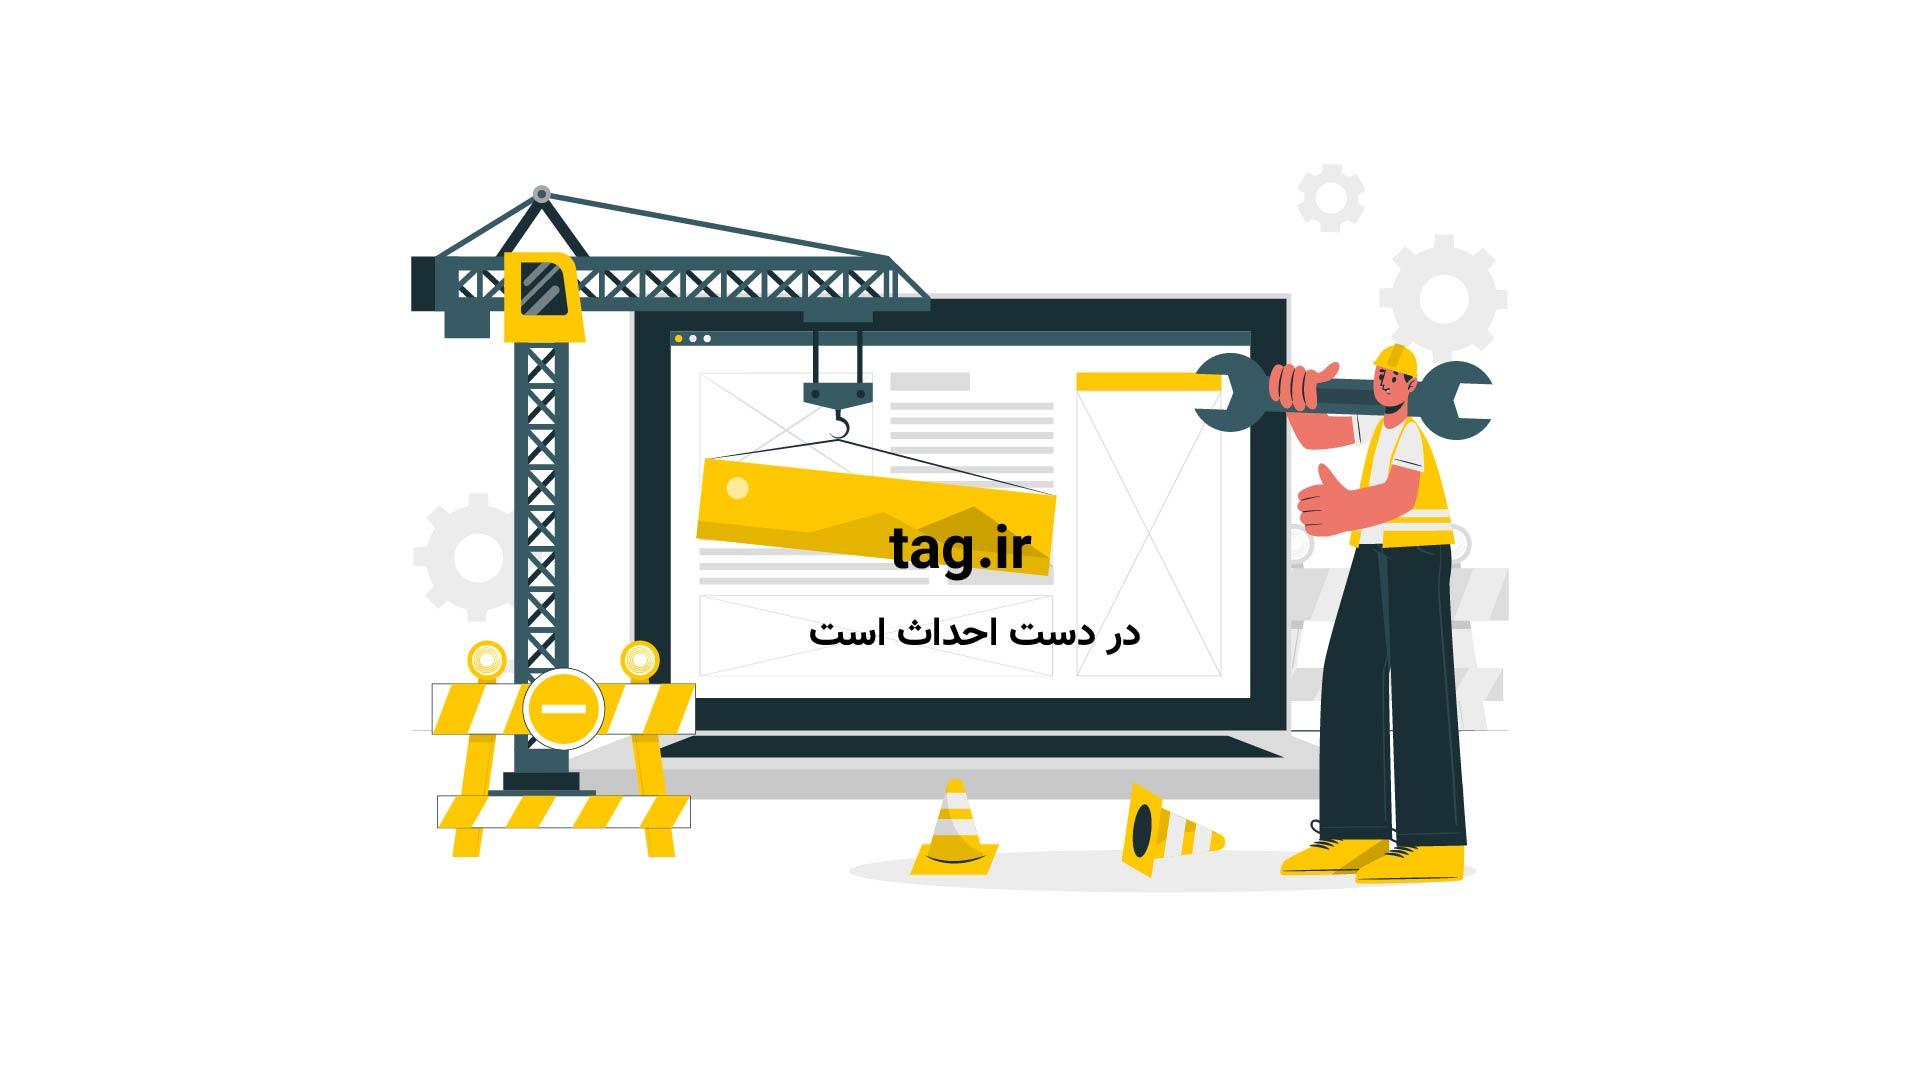 ایجاد انگیزه در ردانش آموزان | تگ